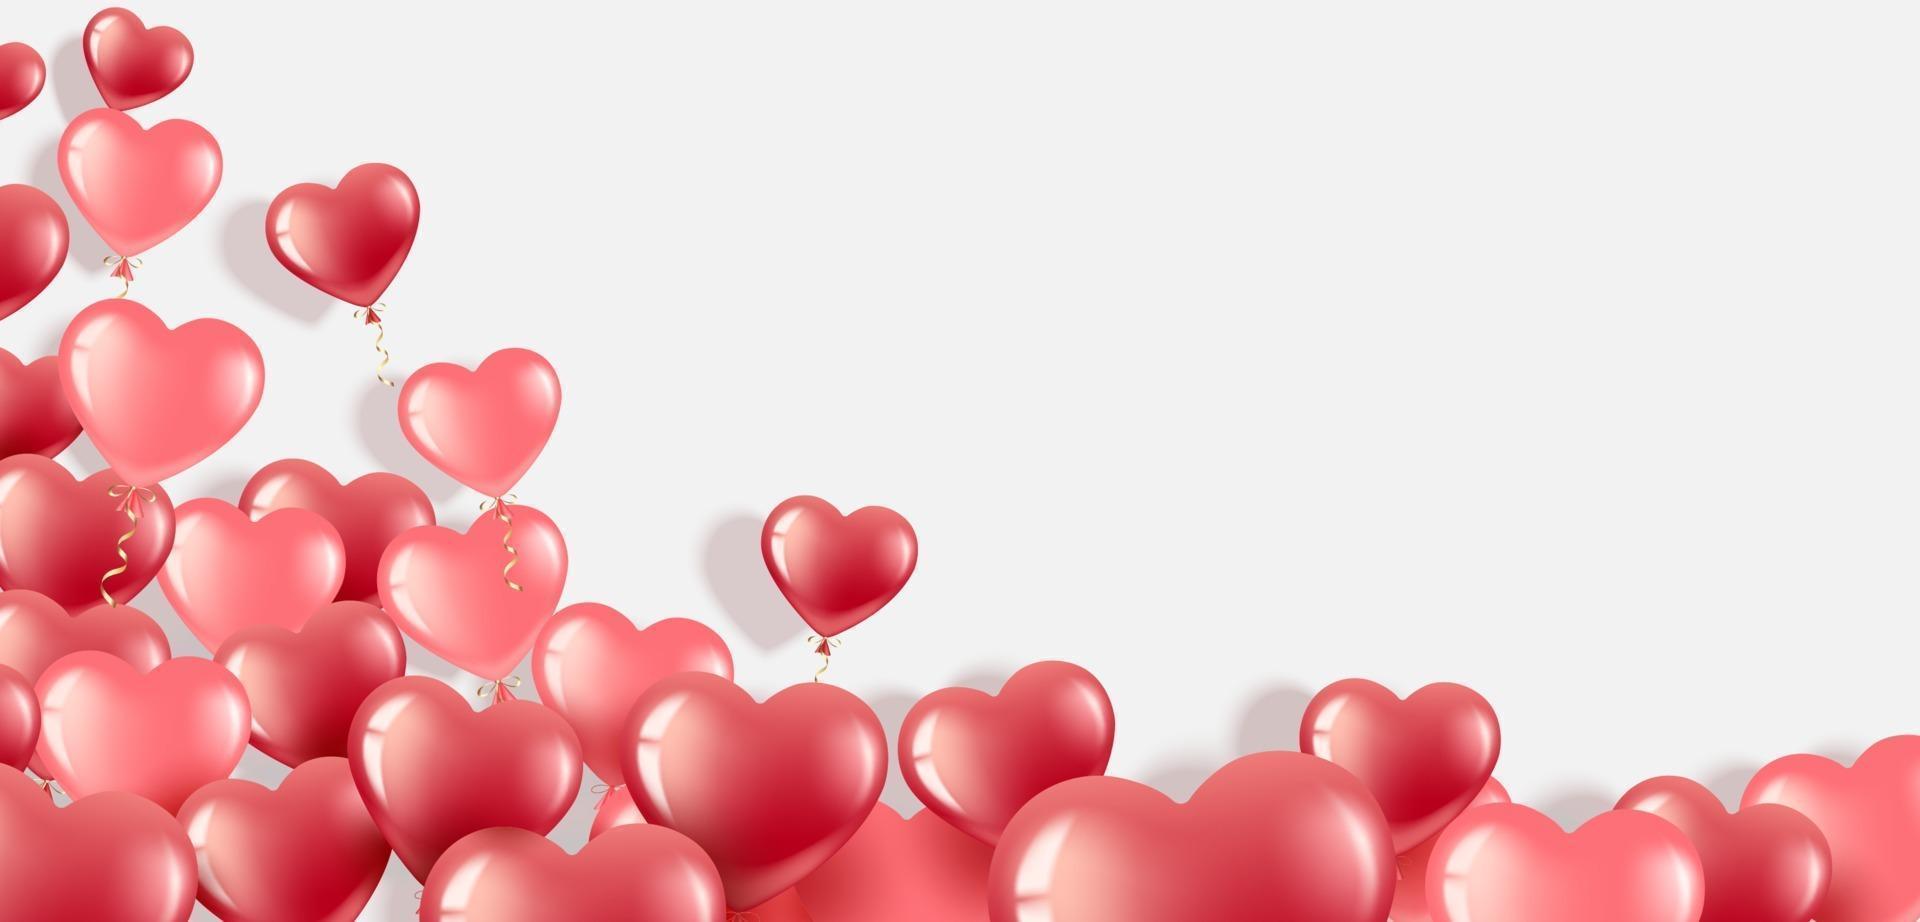 bannière de ballons coeur rouge pour la saint valentin vecteur